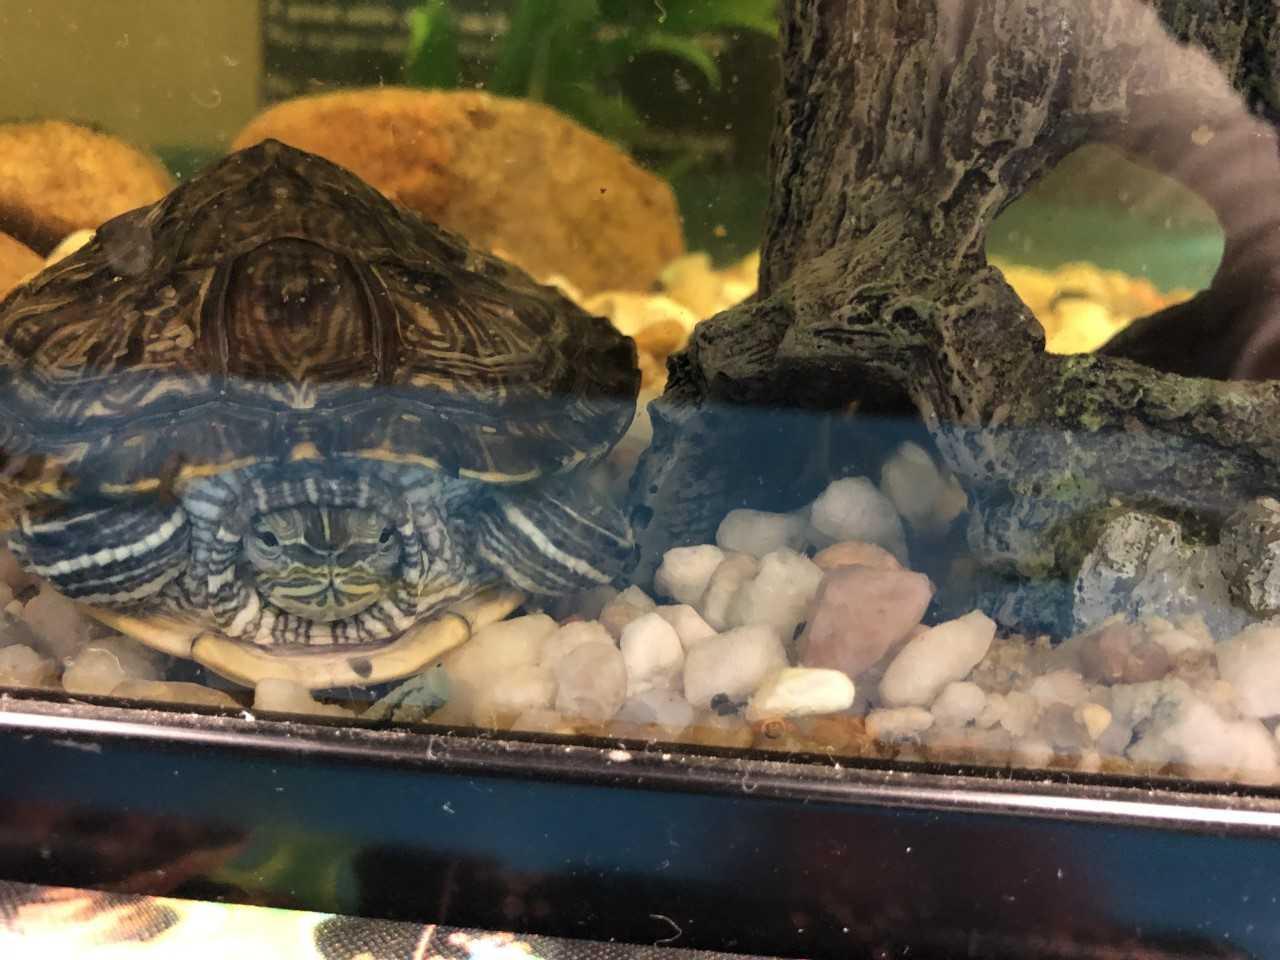 Tulula the turtle